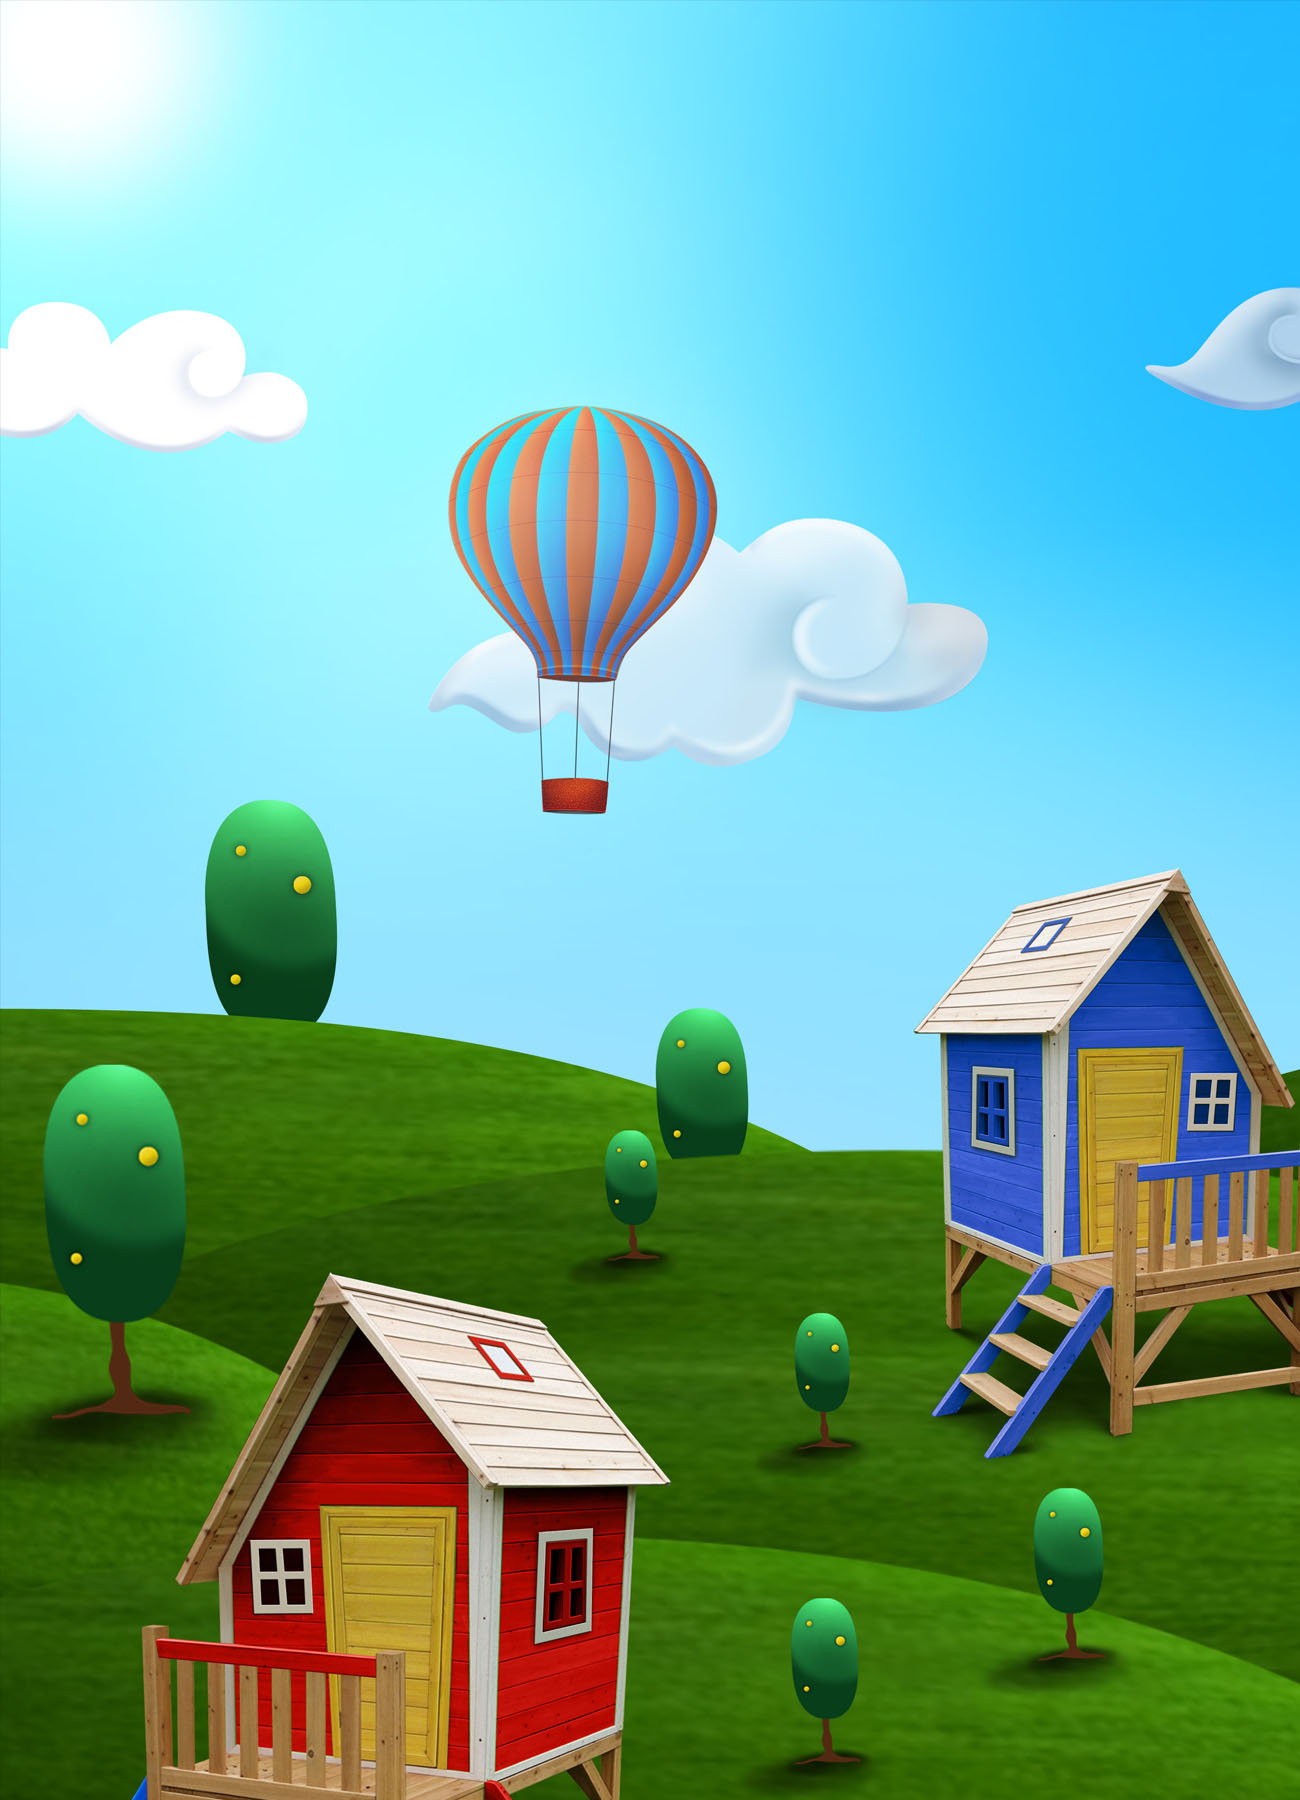 home-baloon-grass-art-01.jpg